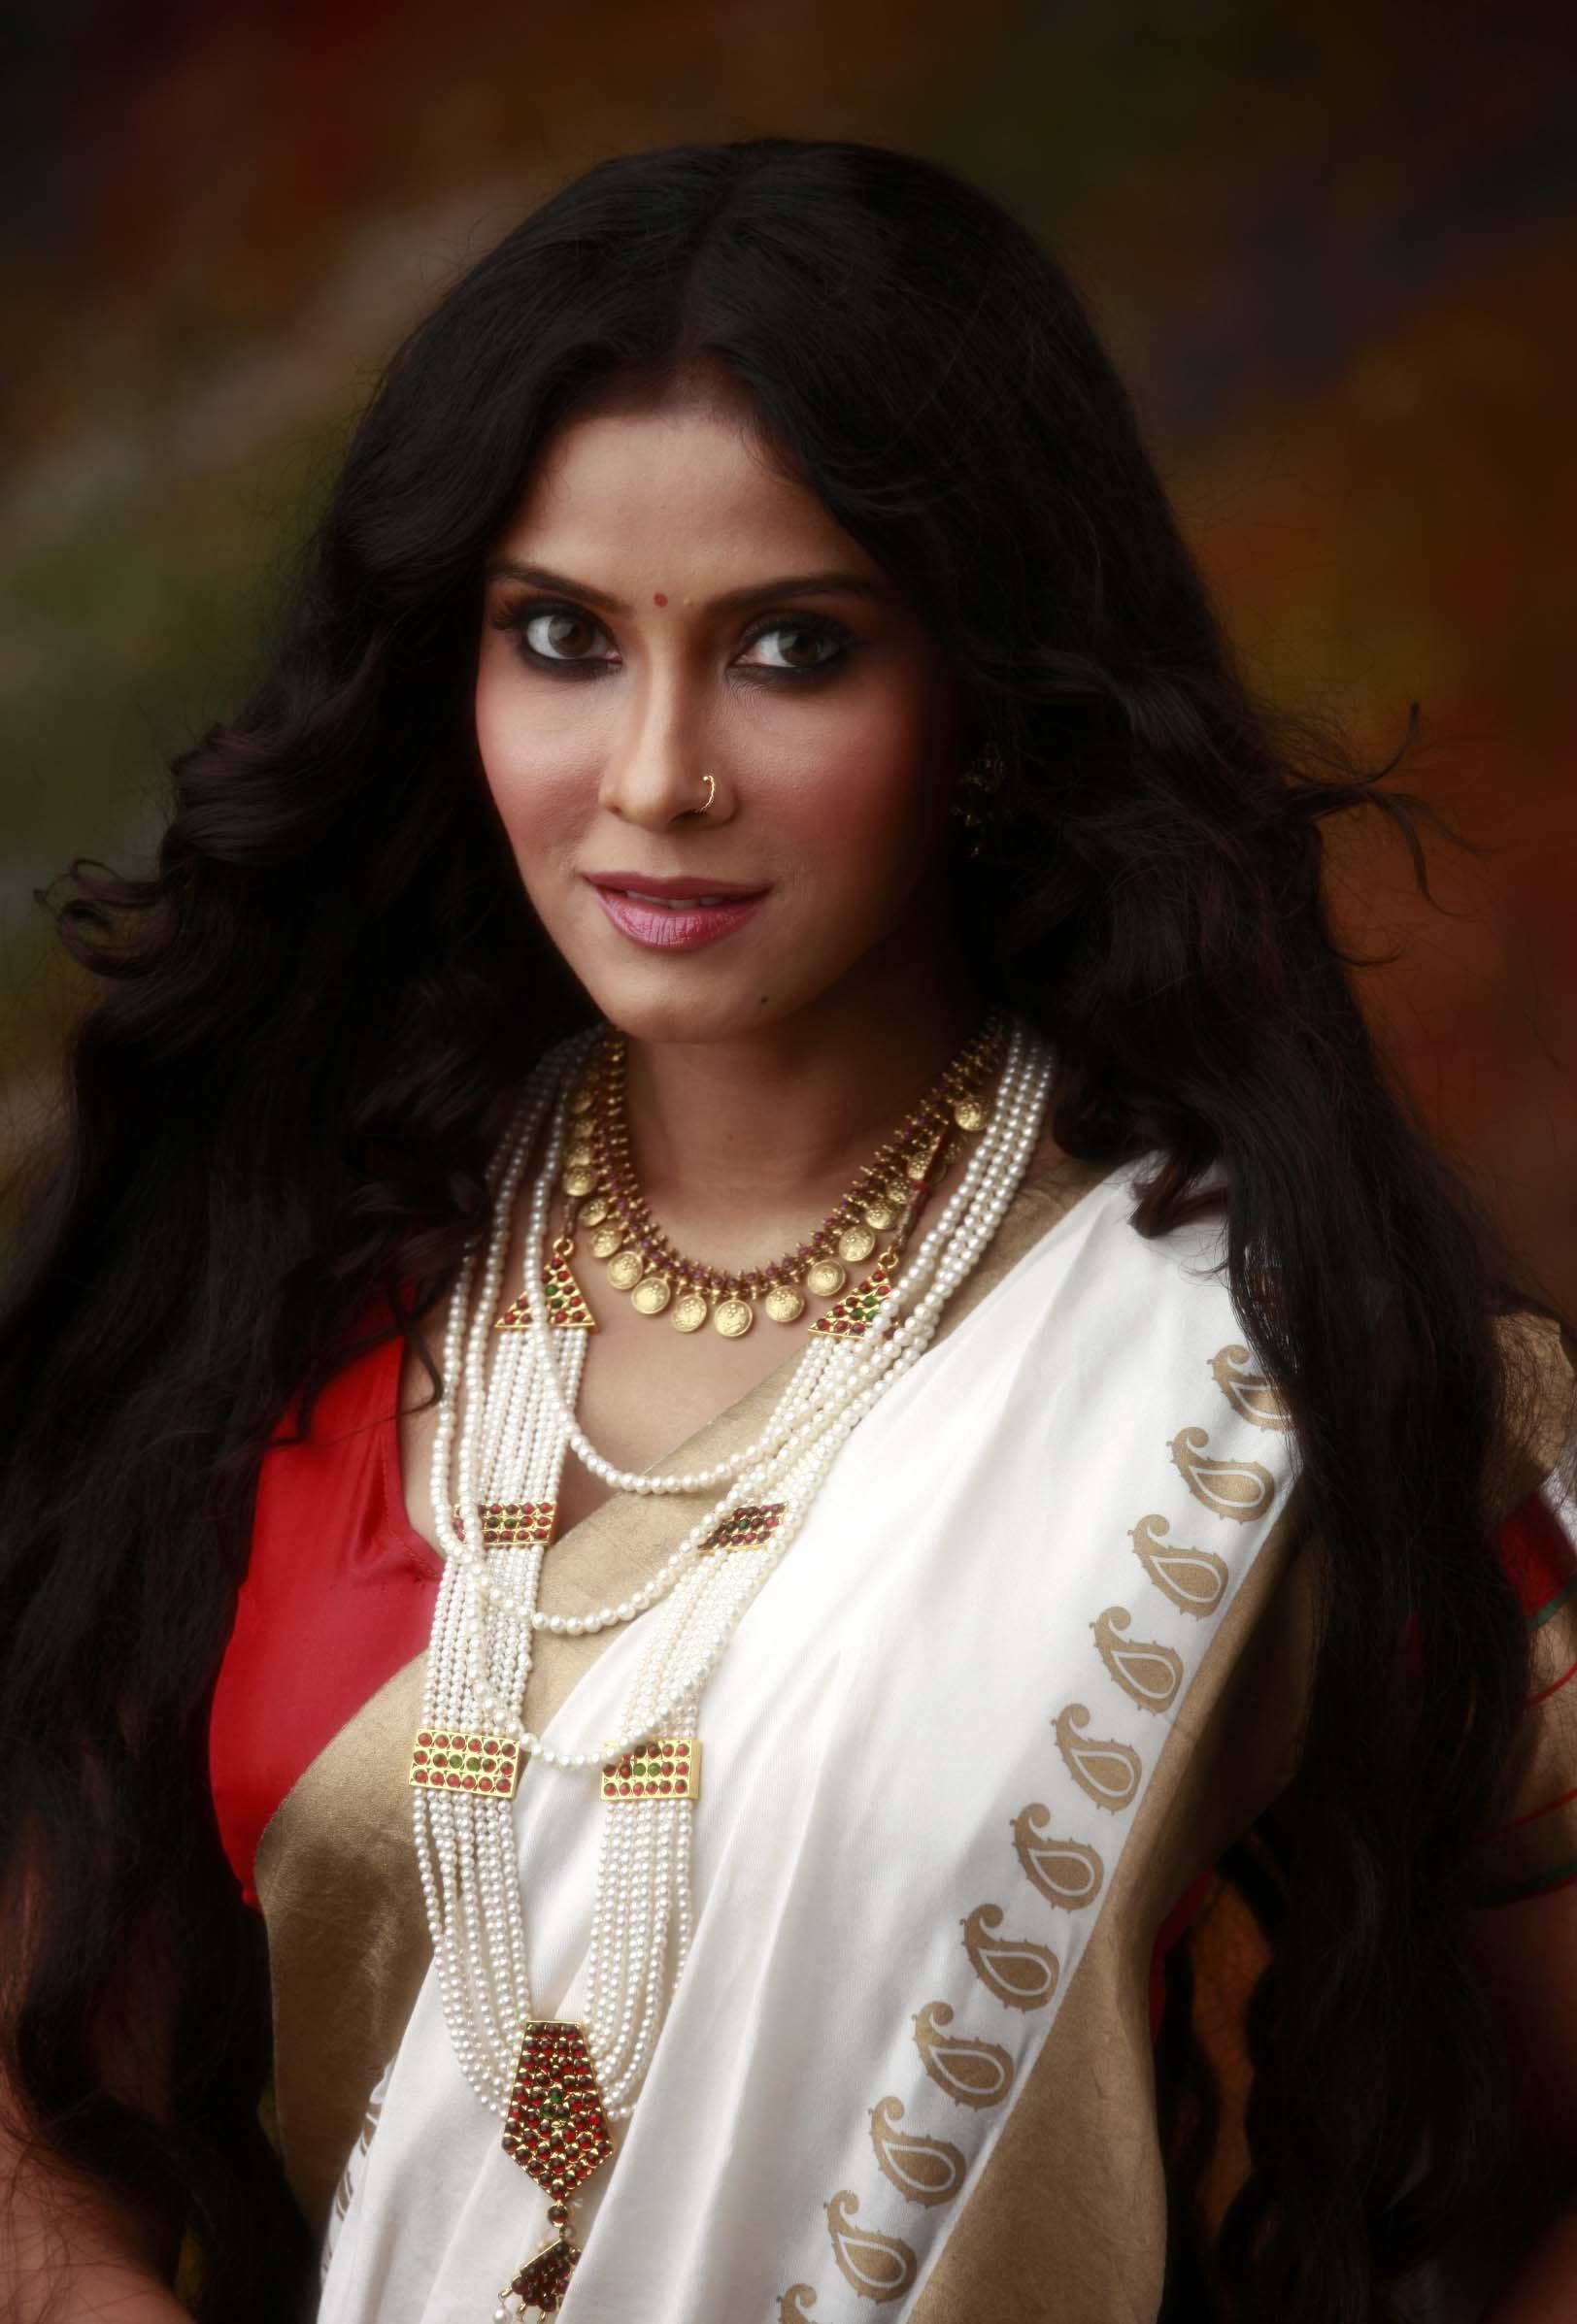 Nandana sen saree face pics